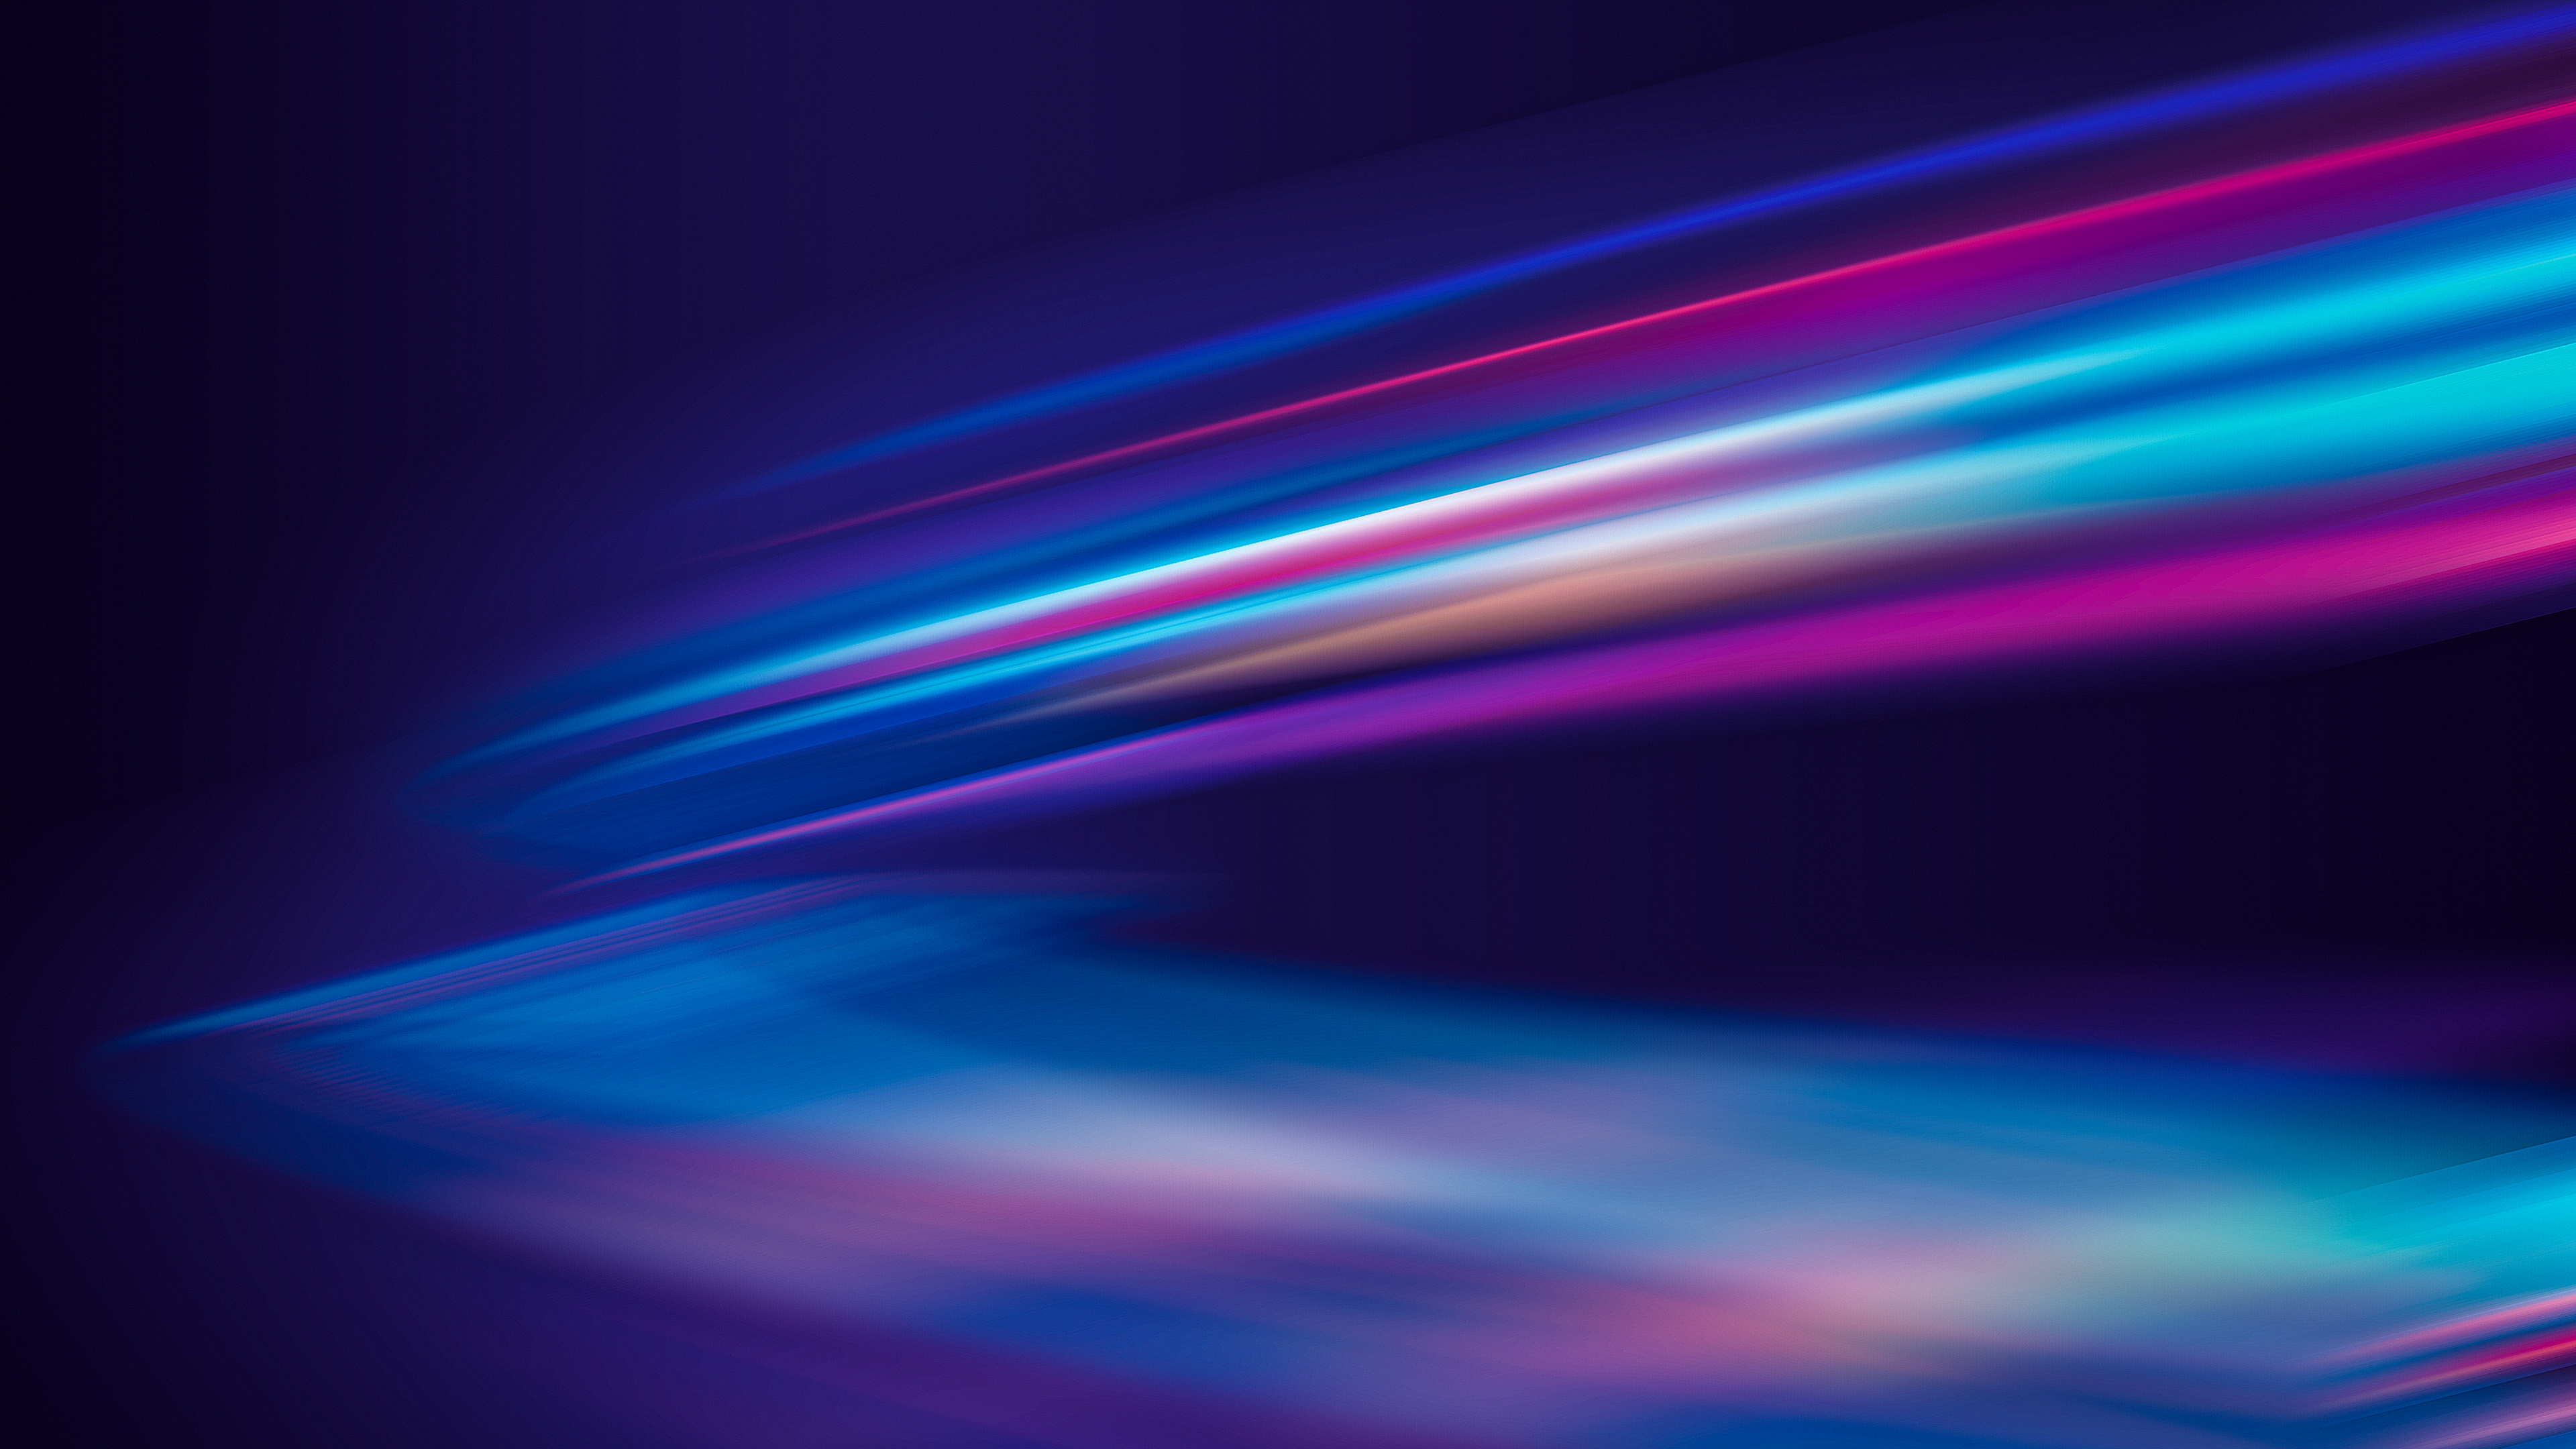 blur lines shapes 1575660291 - Blur Lines Shapes -